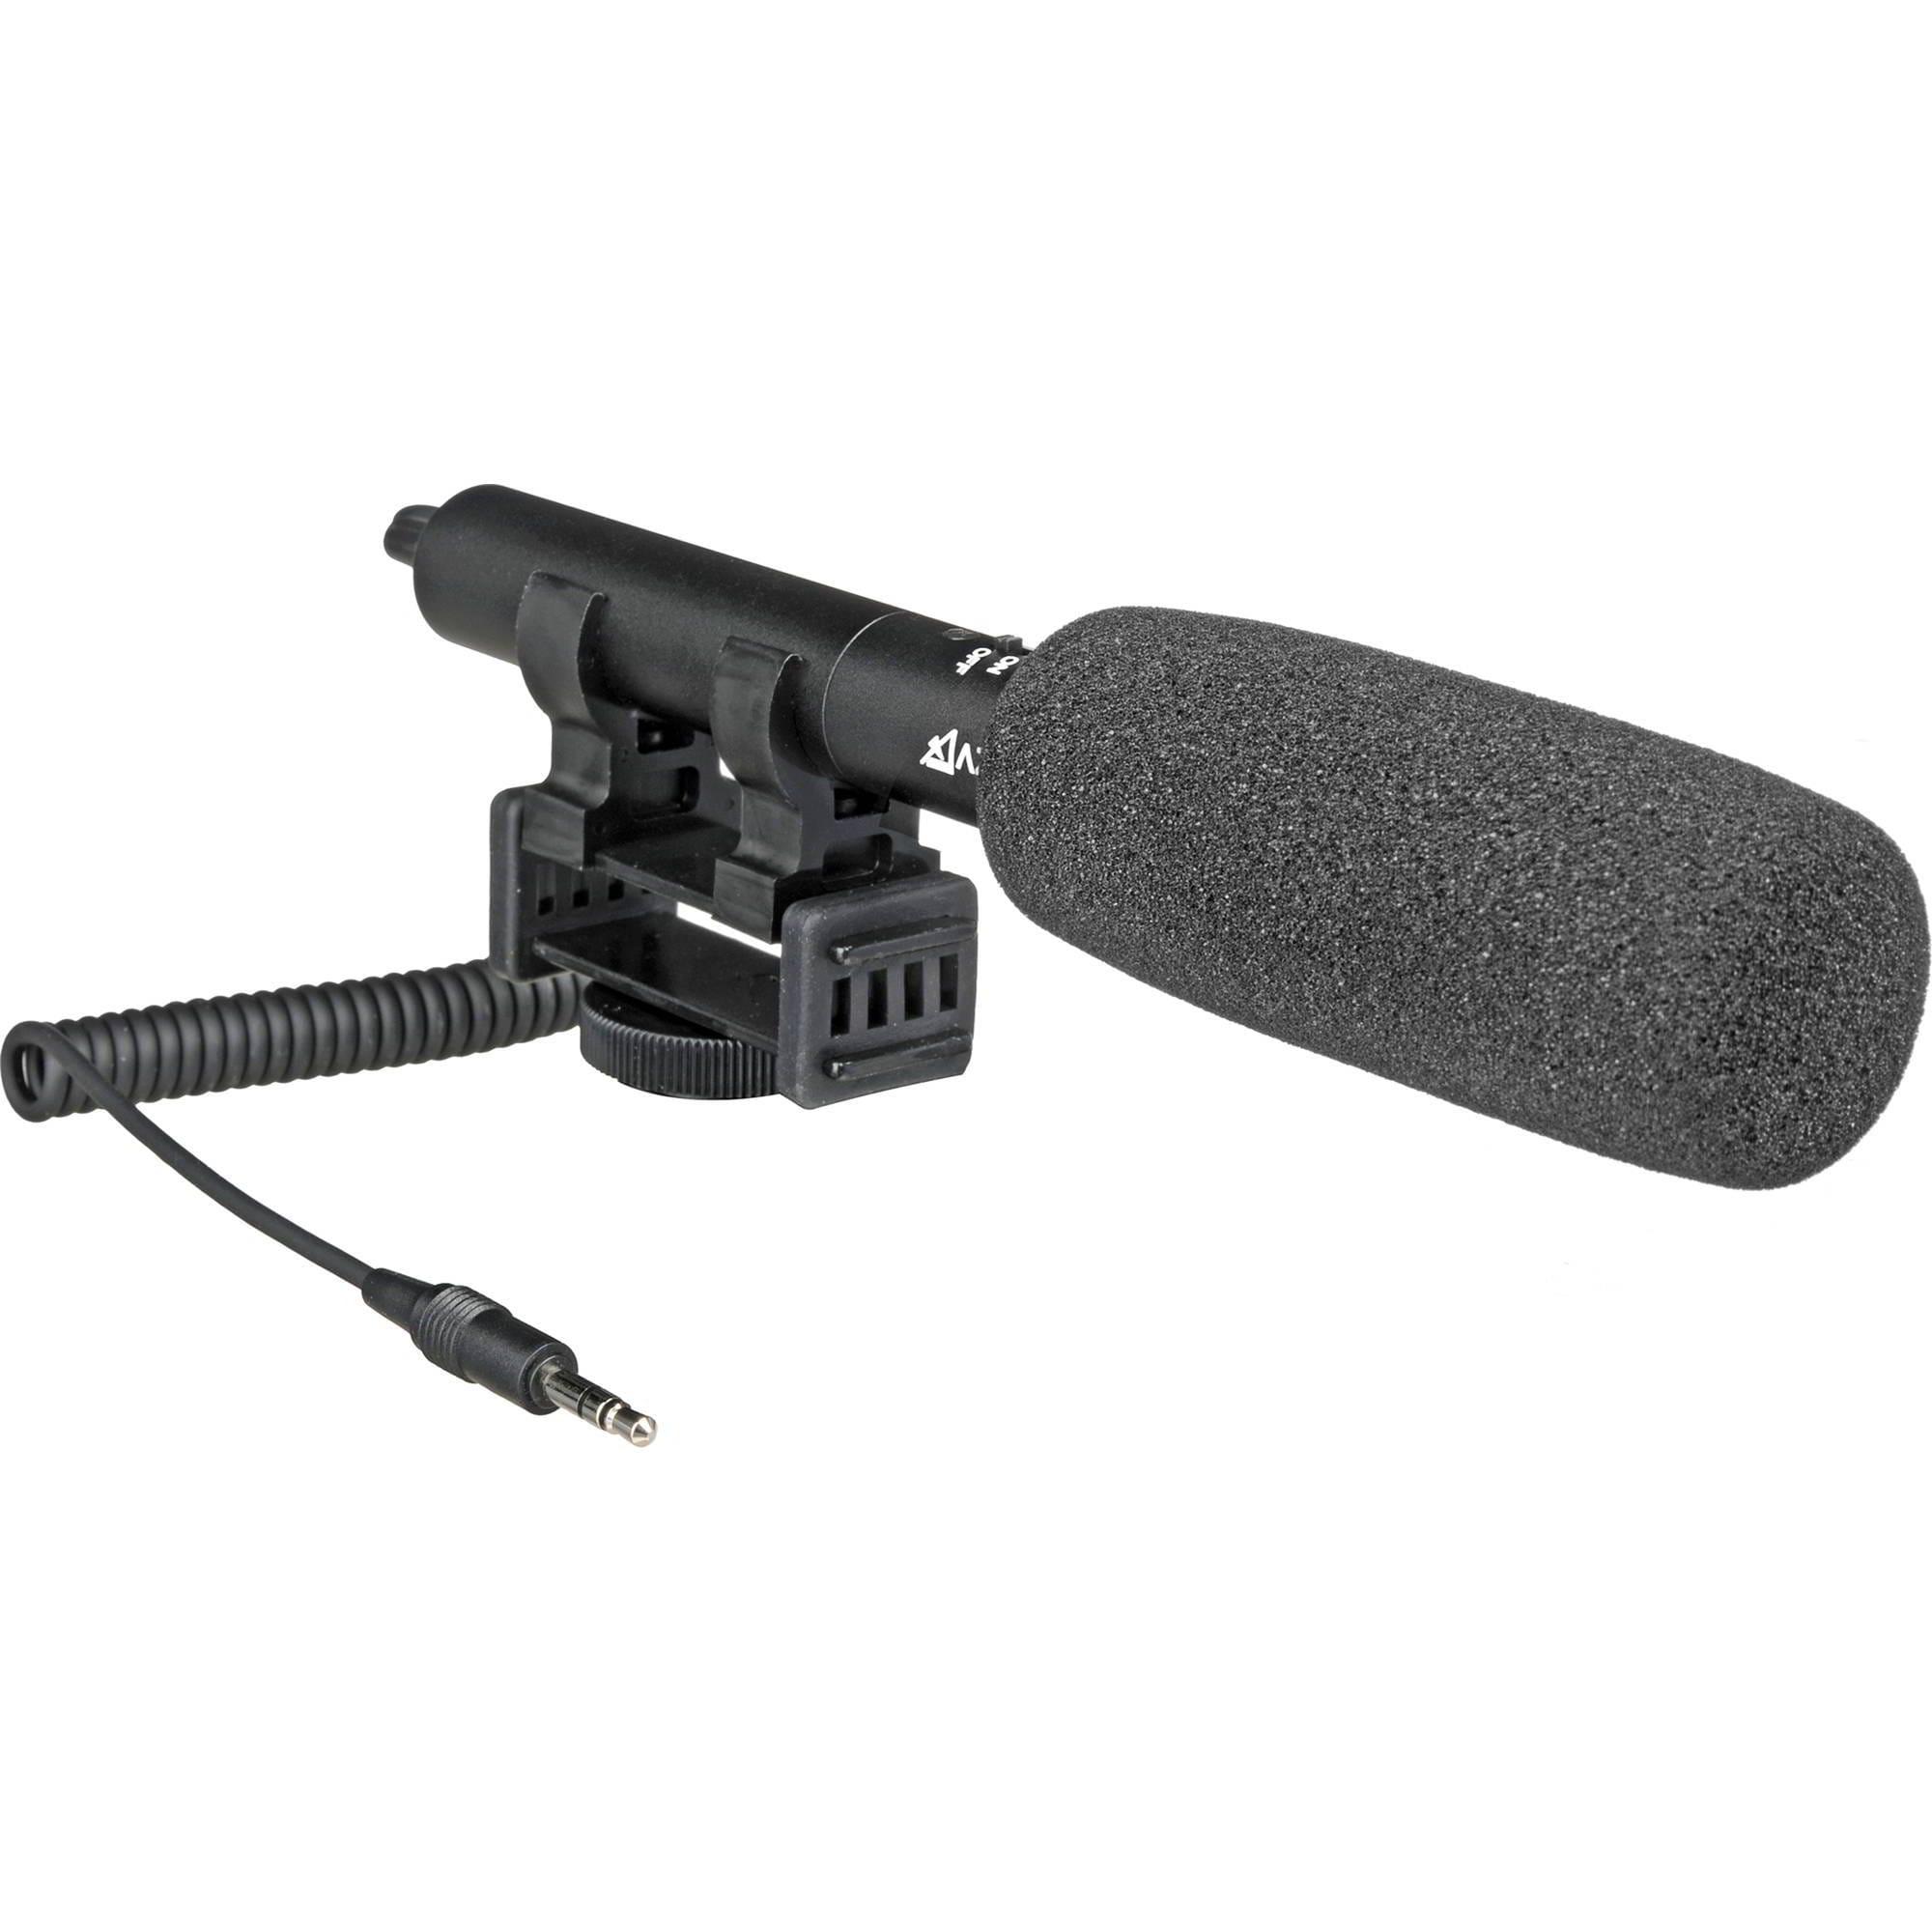 AZDEN SMX-10 Microfono direzionale stereo, spinotto Jack tipo TRS da 3,5mm. Supporto anti-shock integrato. Fornito con spugnetta antivento.